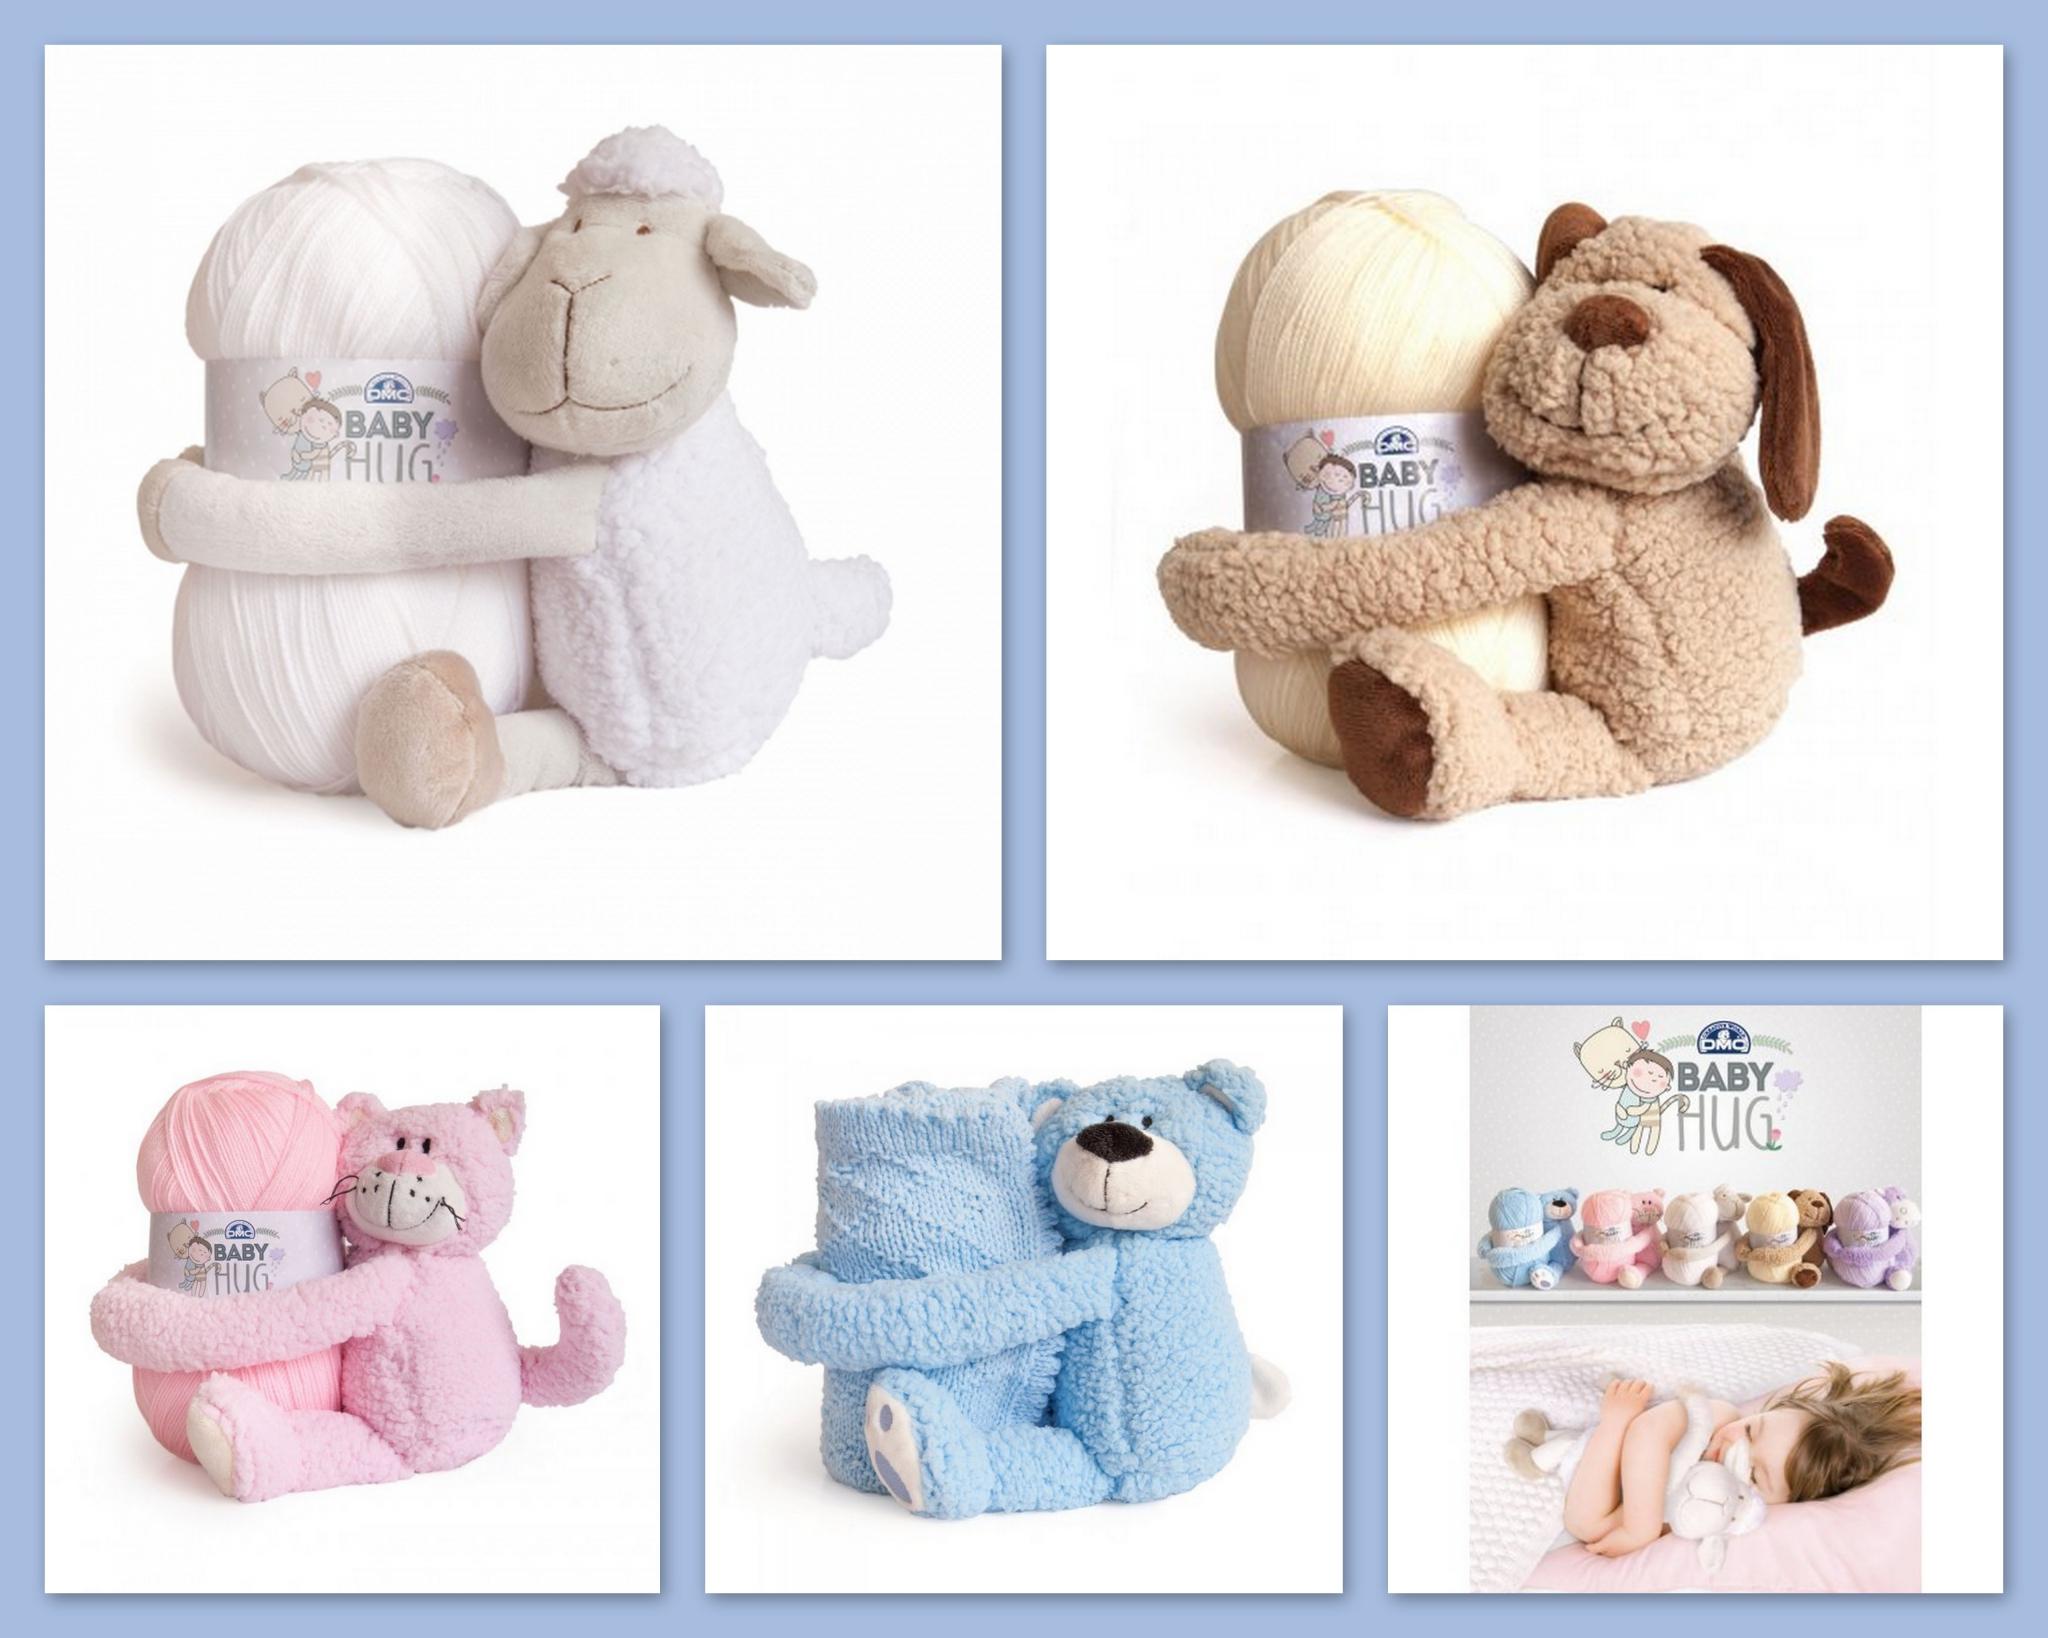 Une idée de cadeau pour bébé ?